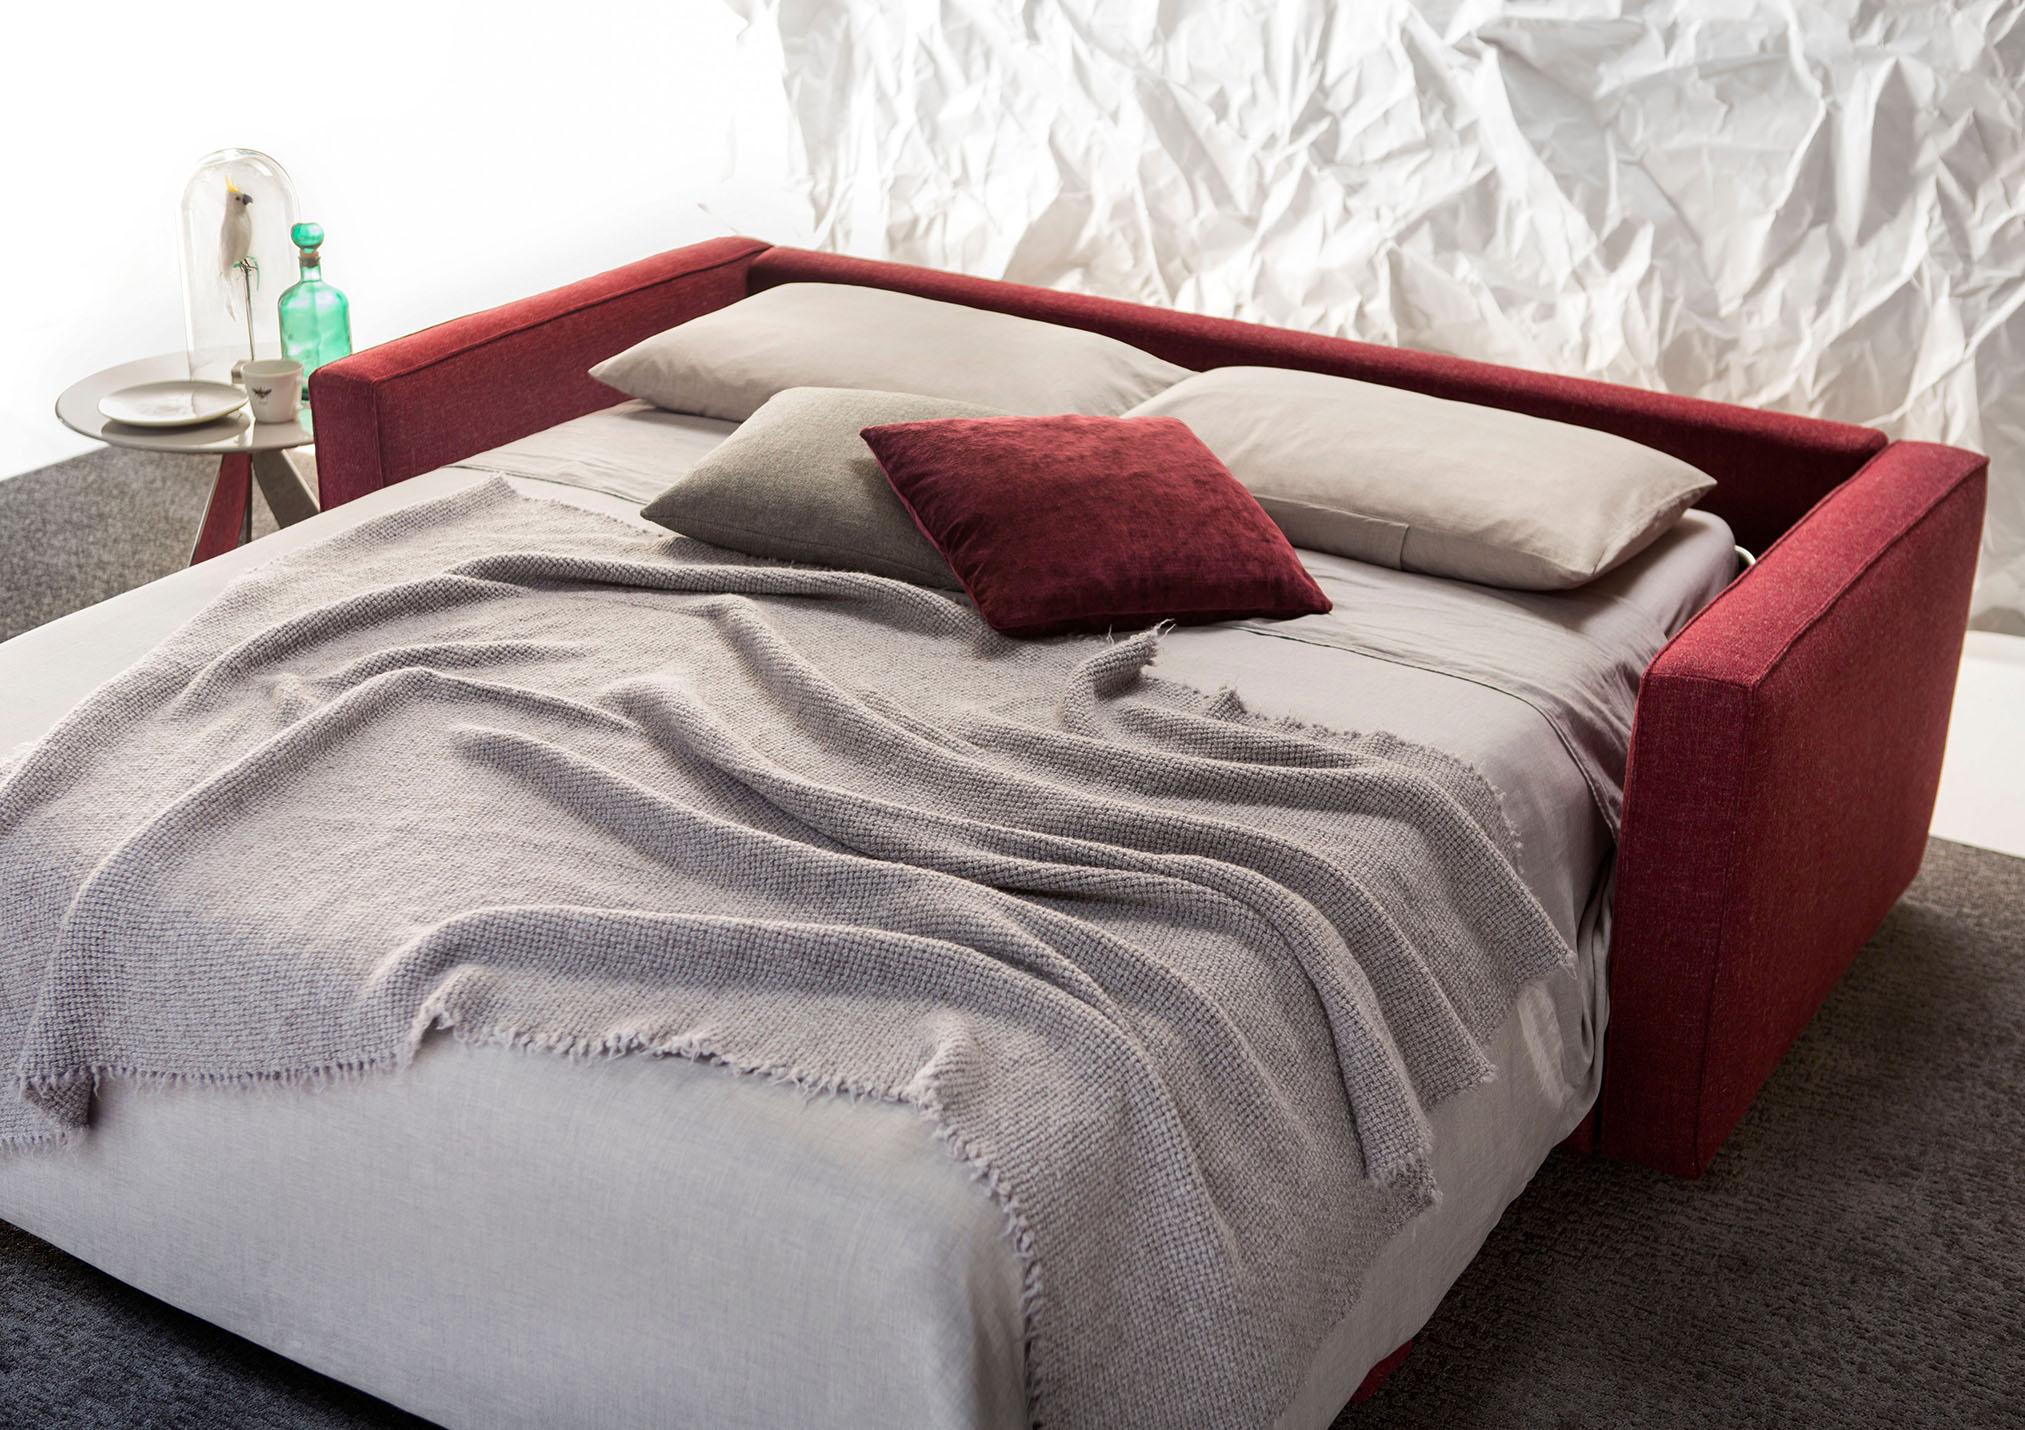 Gu a para la elecci n del colch n para el sof cama bertostory berto salotti blog - Colchon para sofa cama ...